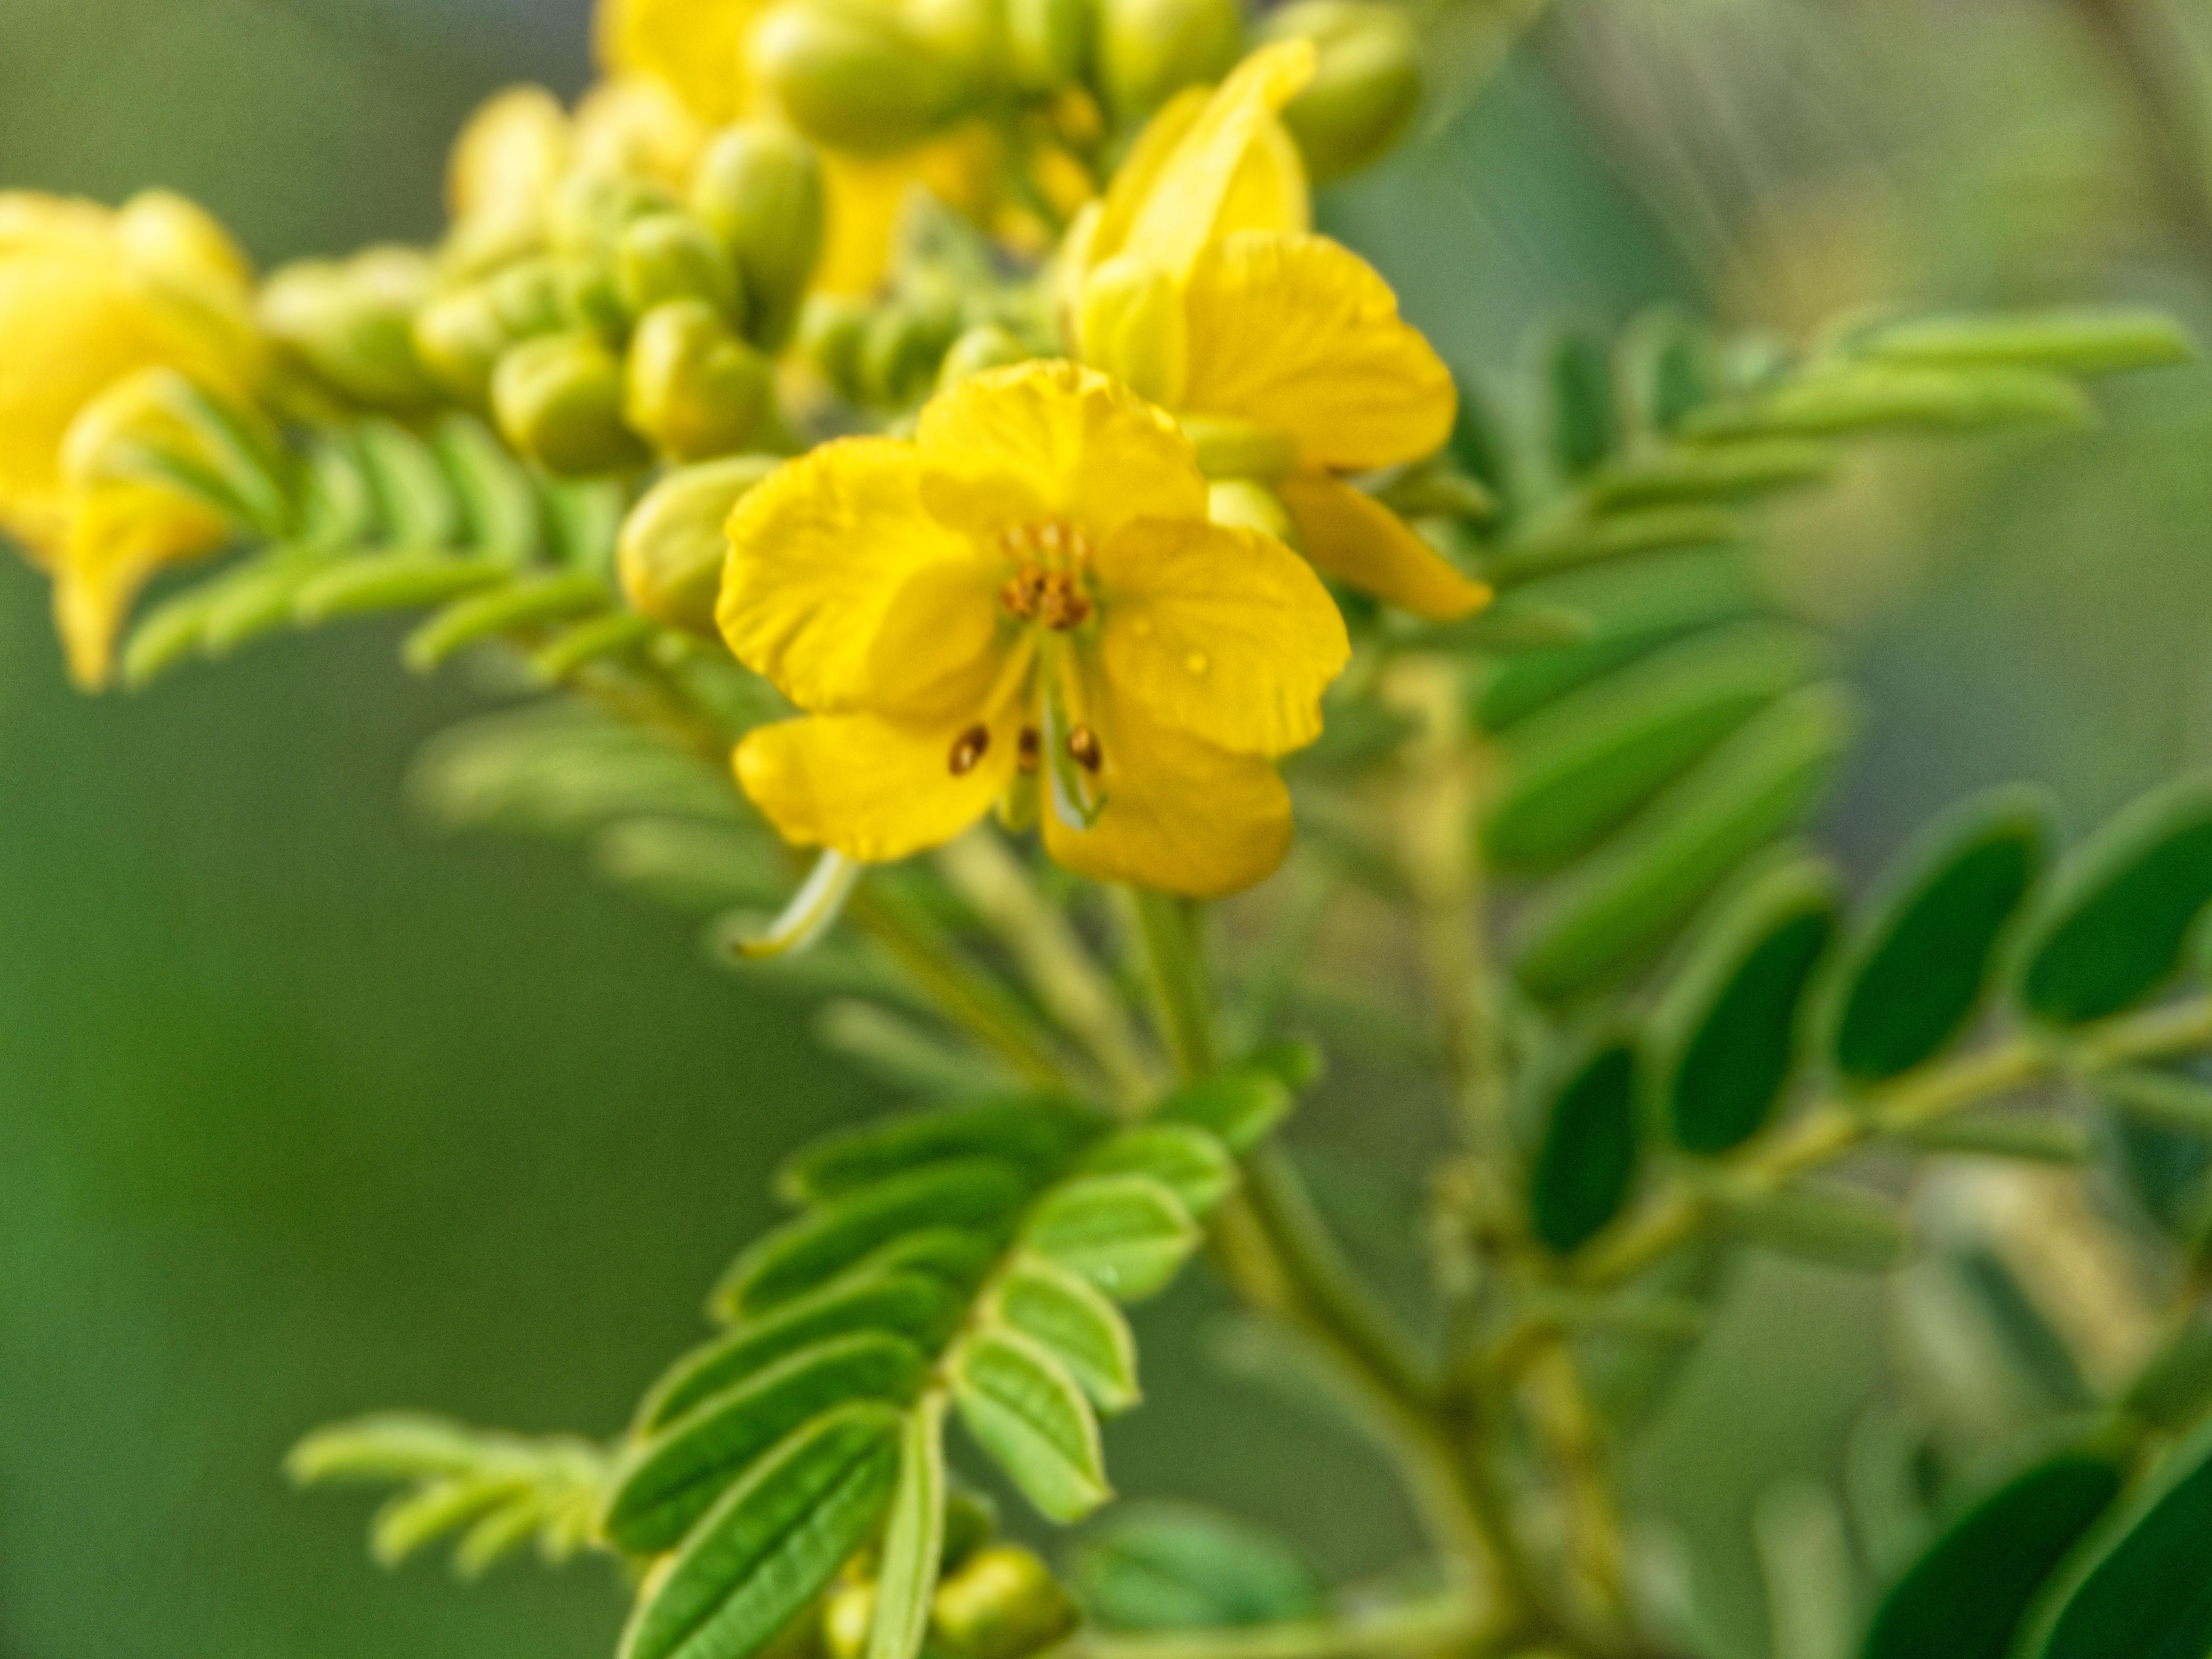 Senna-aciphylla-3.jpeg